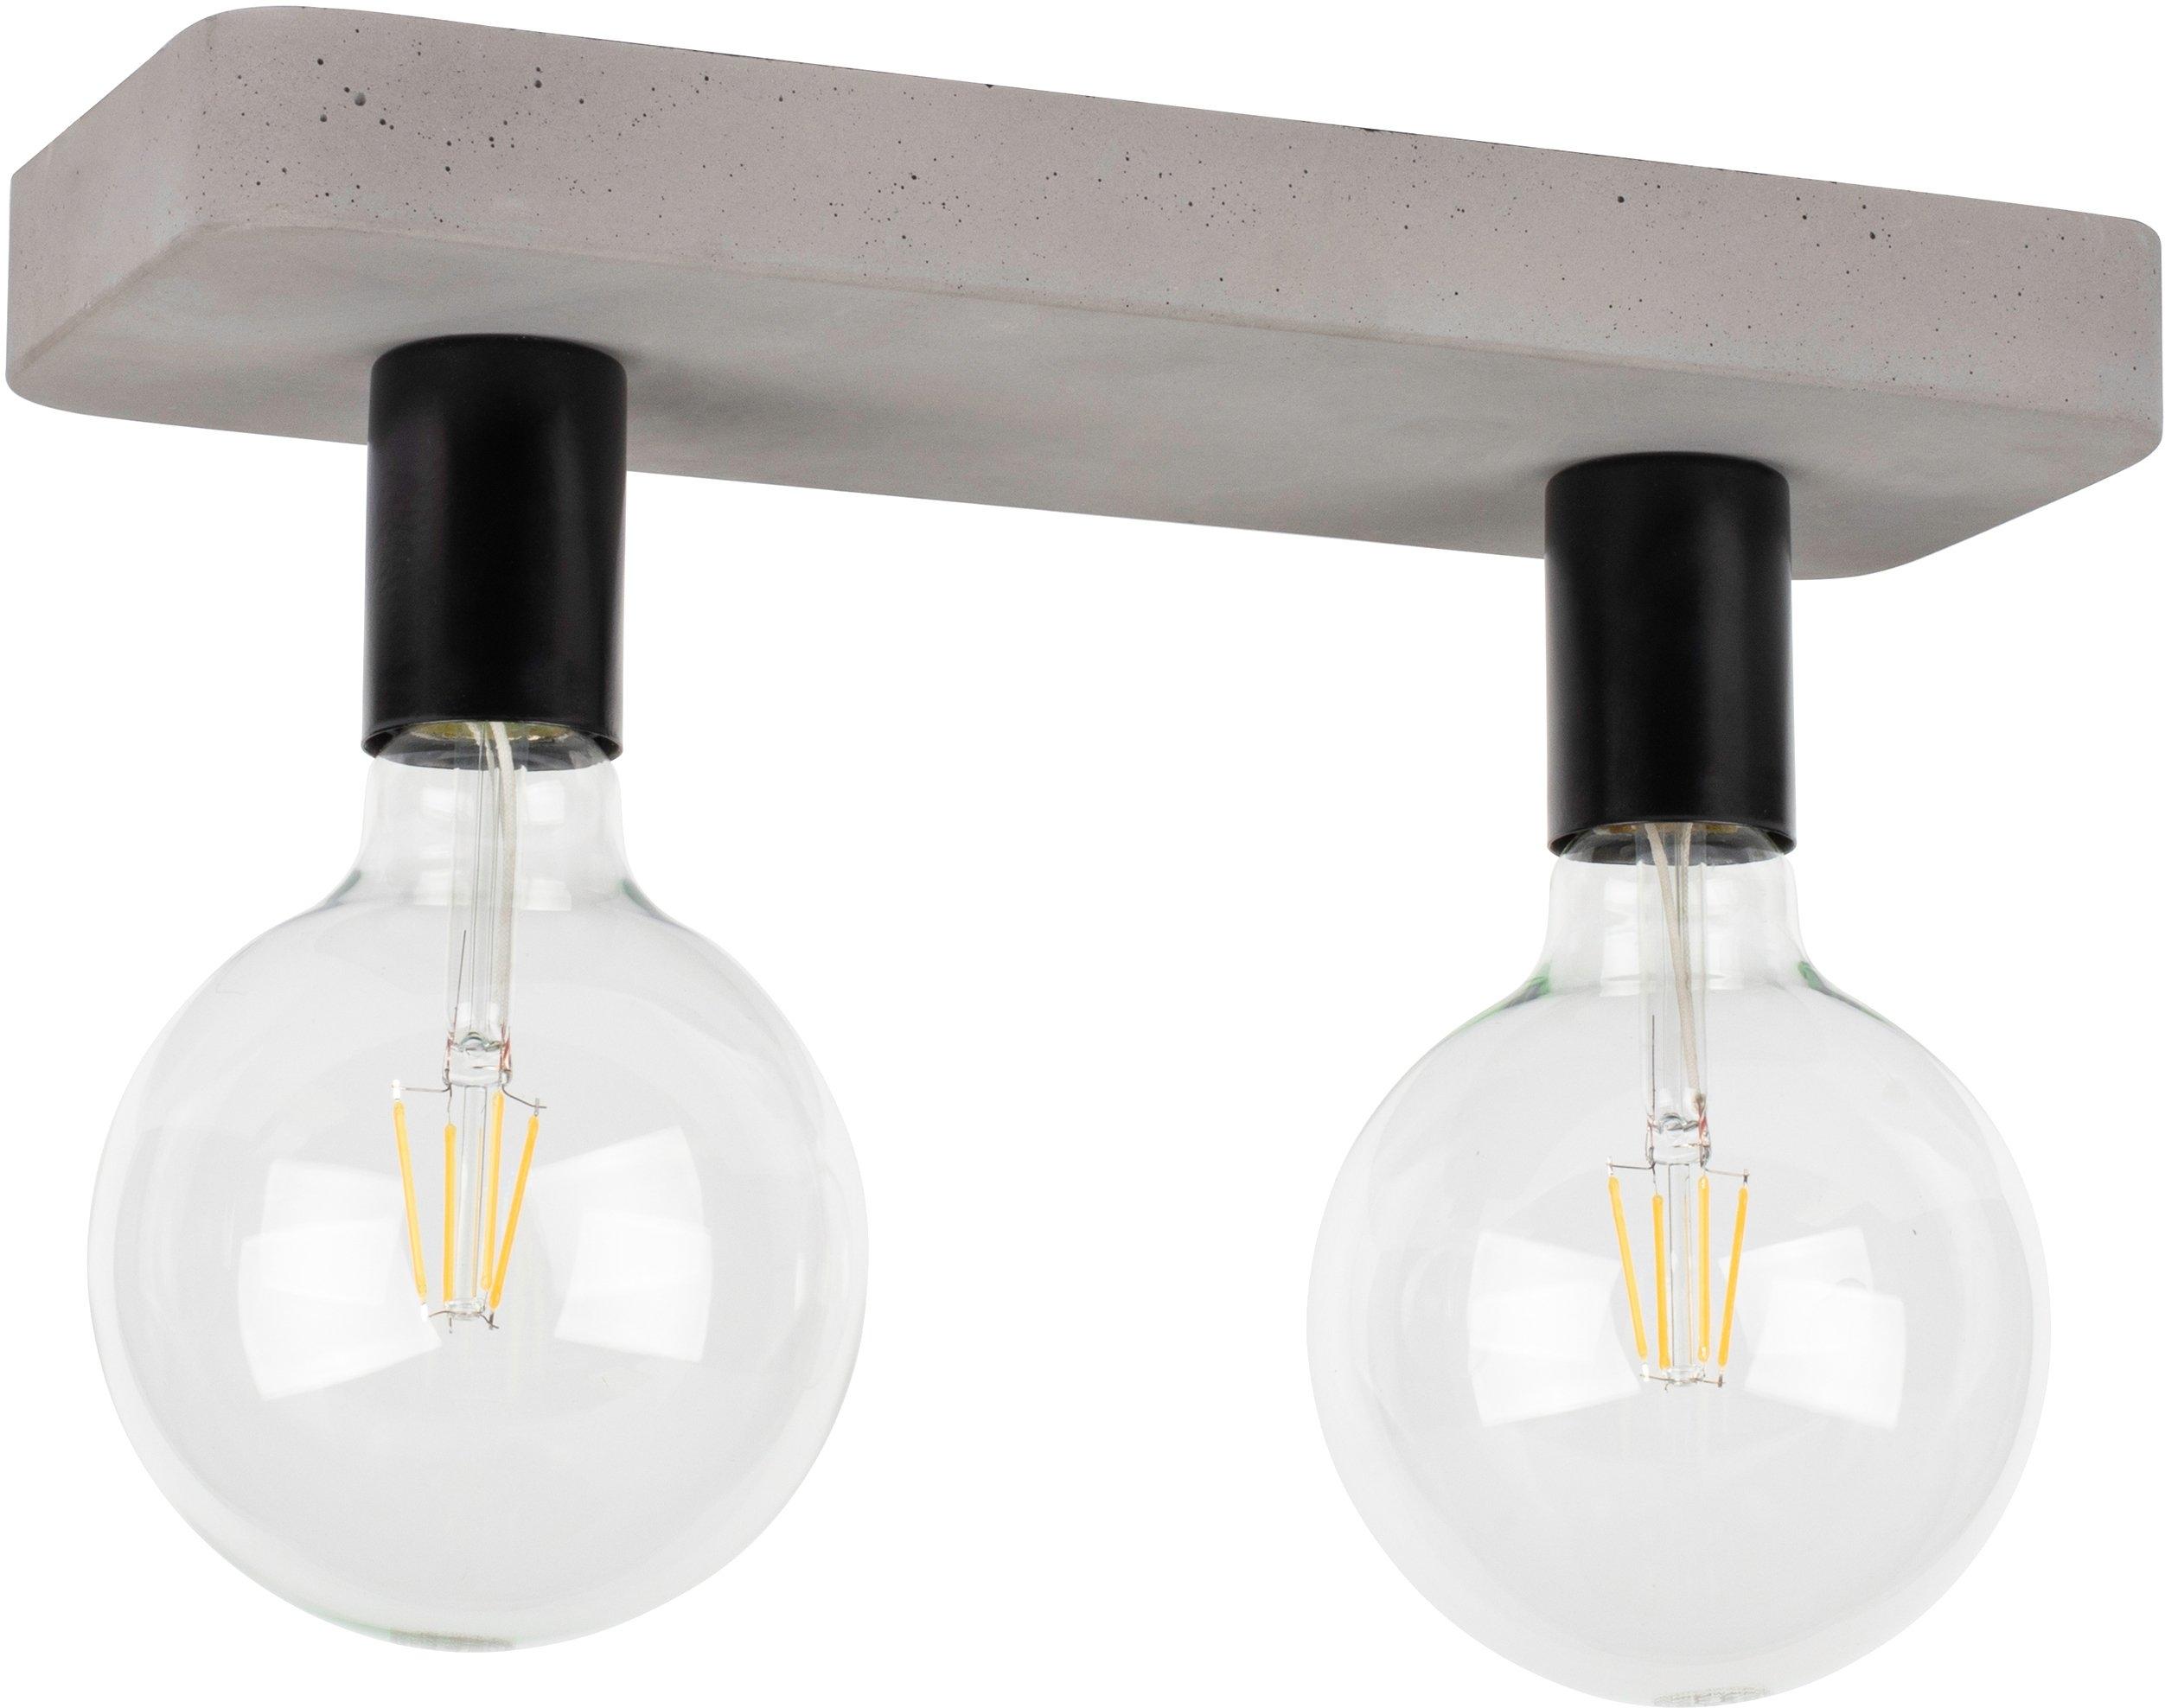 SPOT Light plafondlamp Voortaan Echt beton - met de hand gemaakt, natuurproduct - duurzaam, ideaal voor vintage-lampen, Made in Europe (1 stuk) in de webshop van OTTO kopen